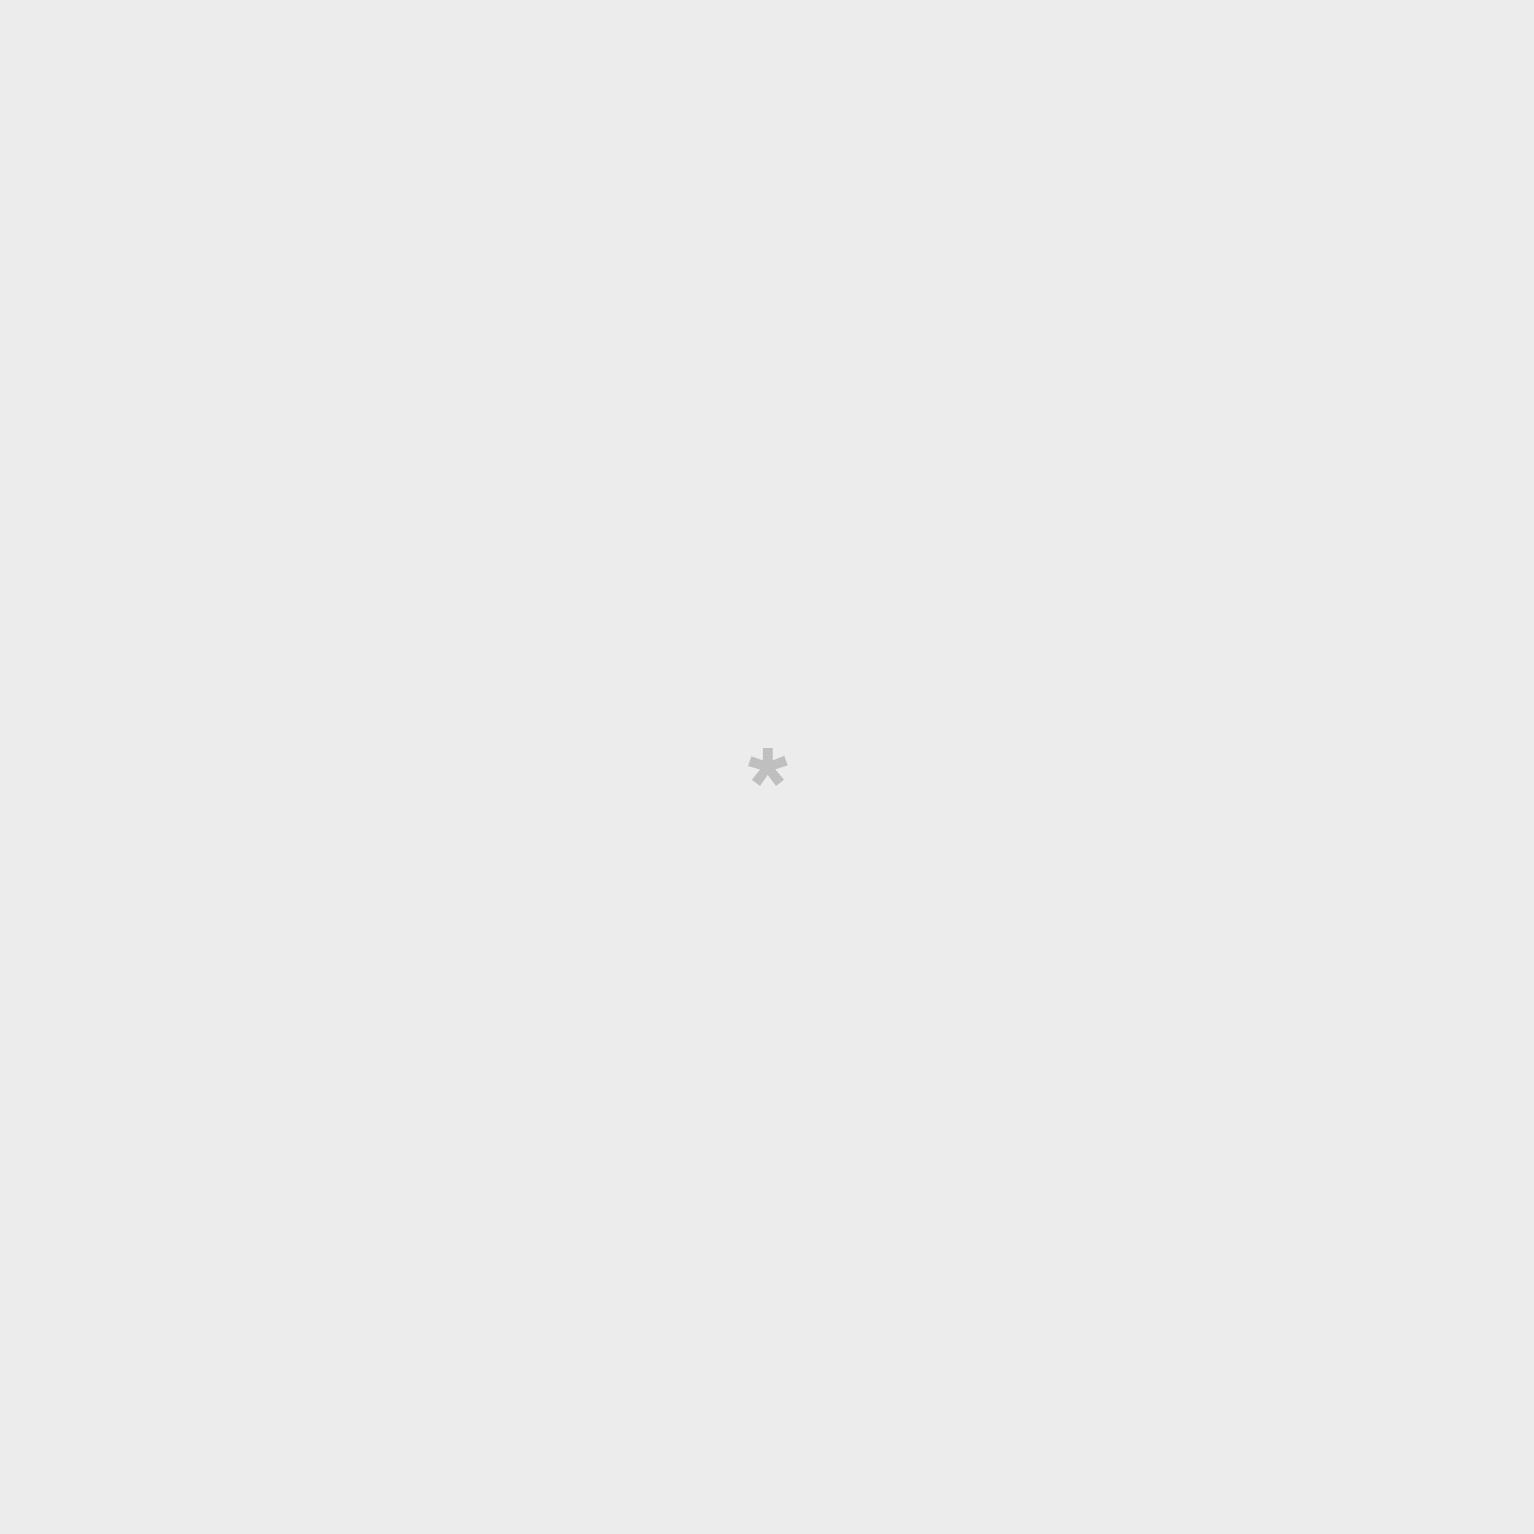 Caderno - Hoje vai ser um dia maravilhoso porque…